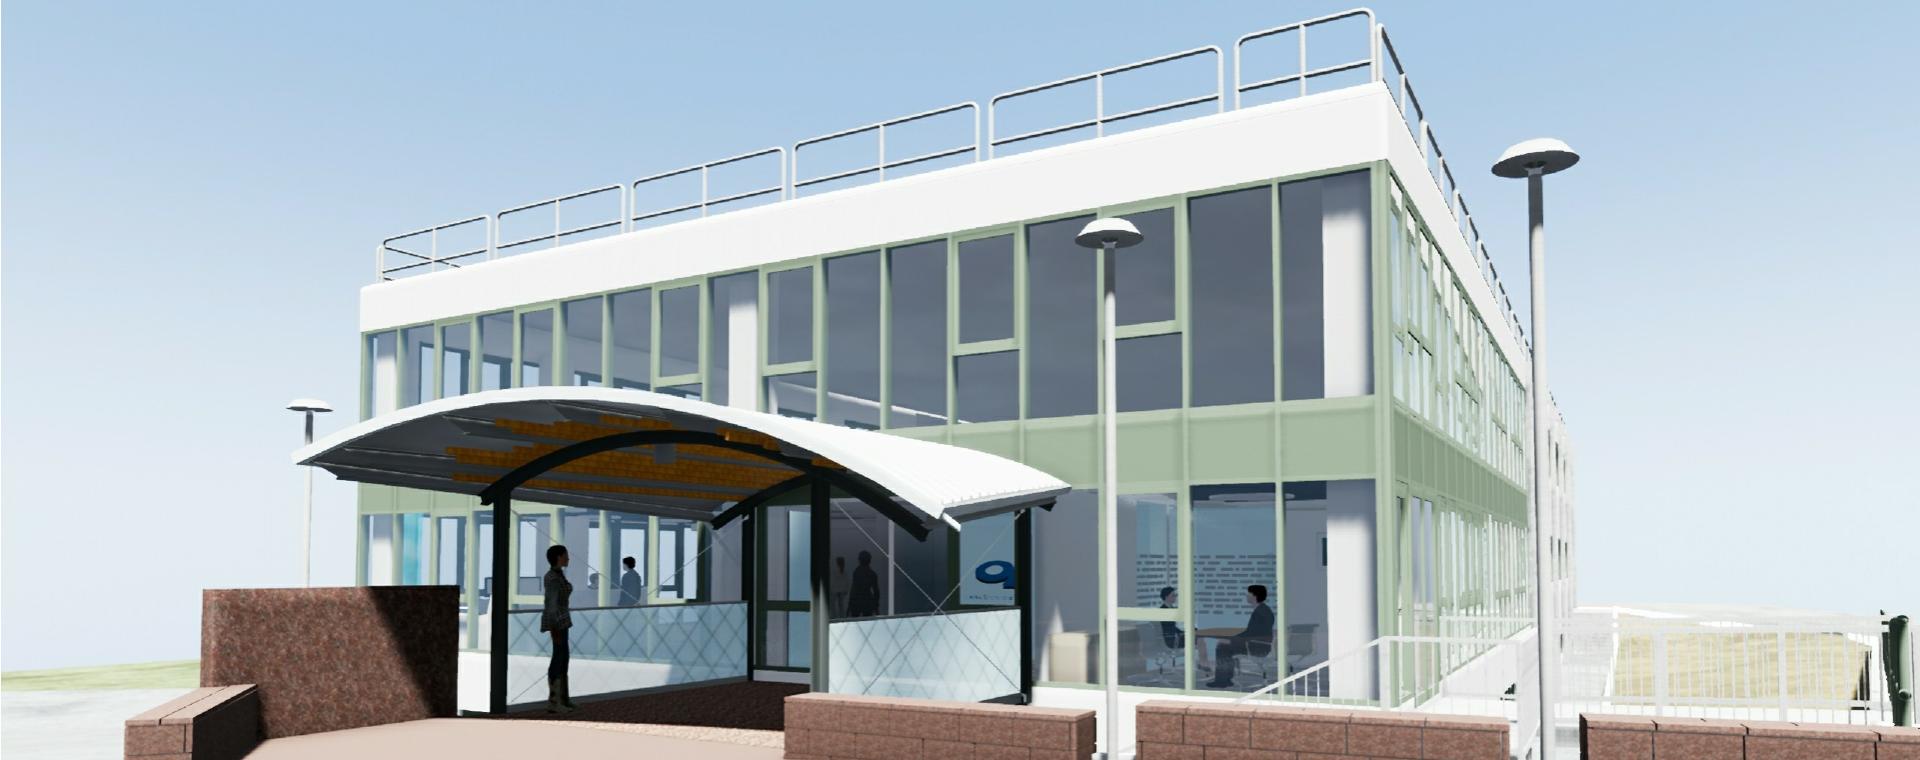 Un piano di implementazione digitale per edifici e infrastrutture dei campus